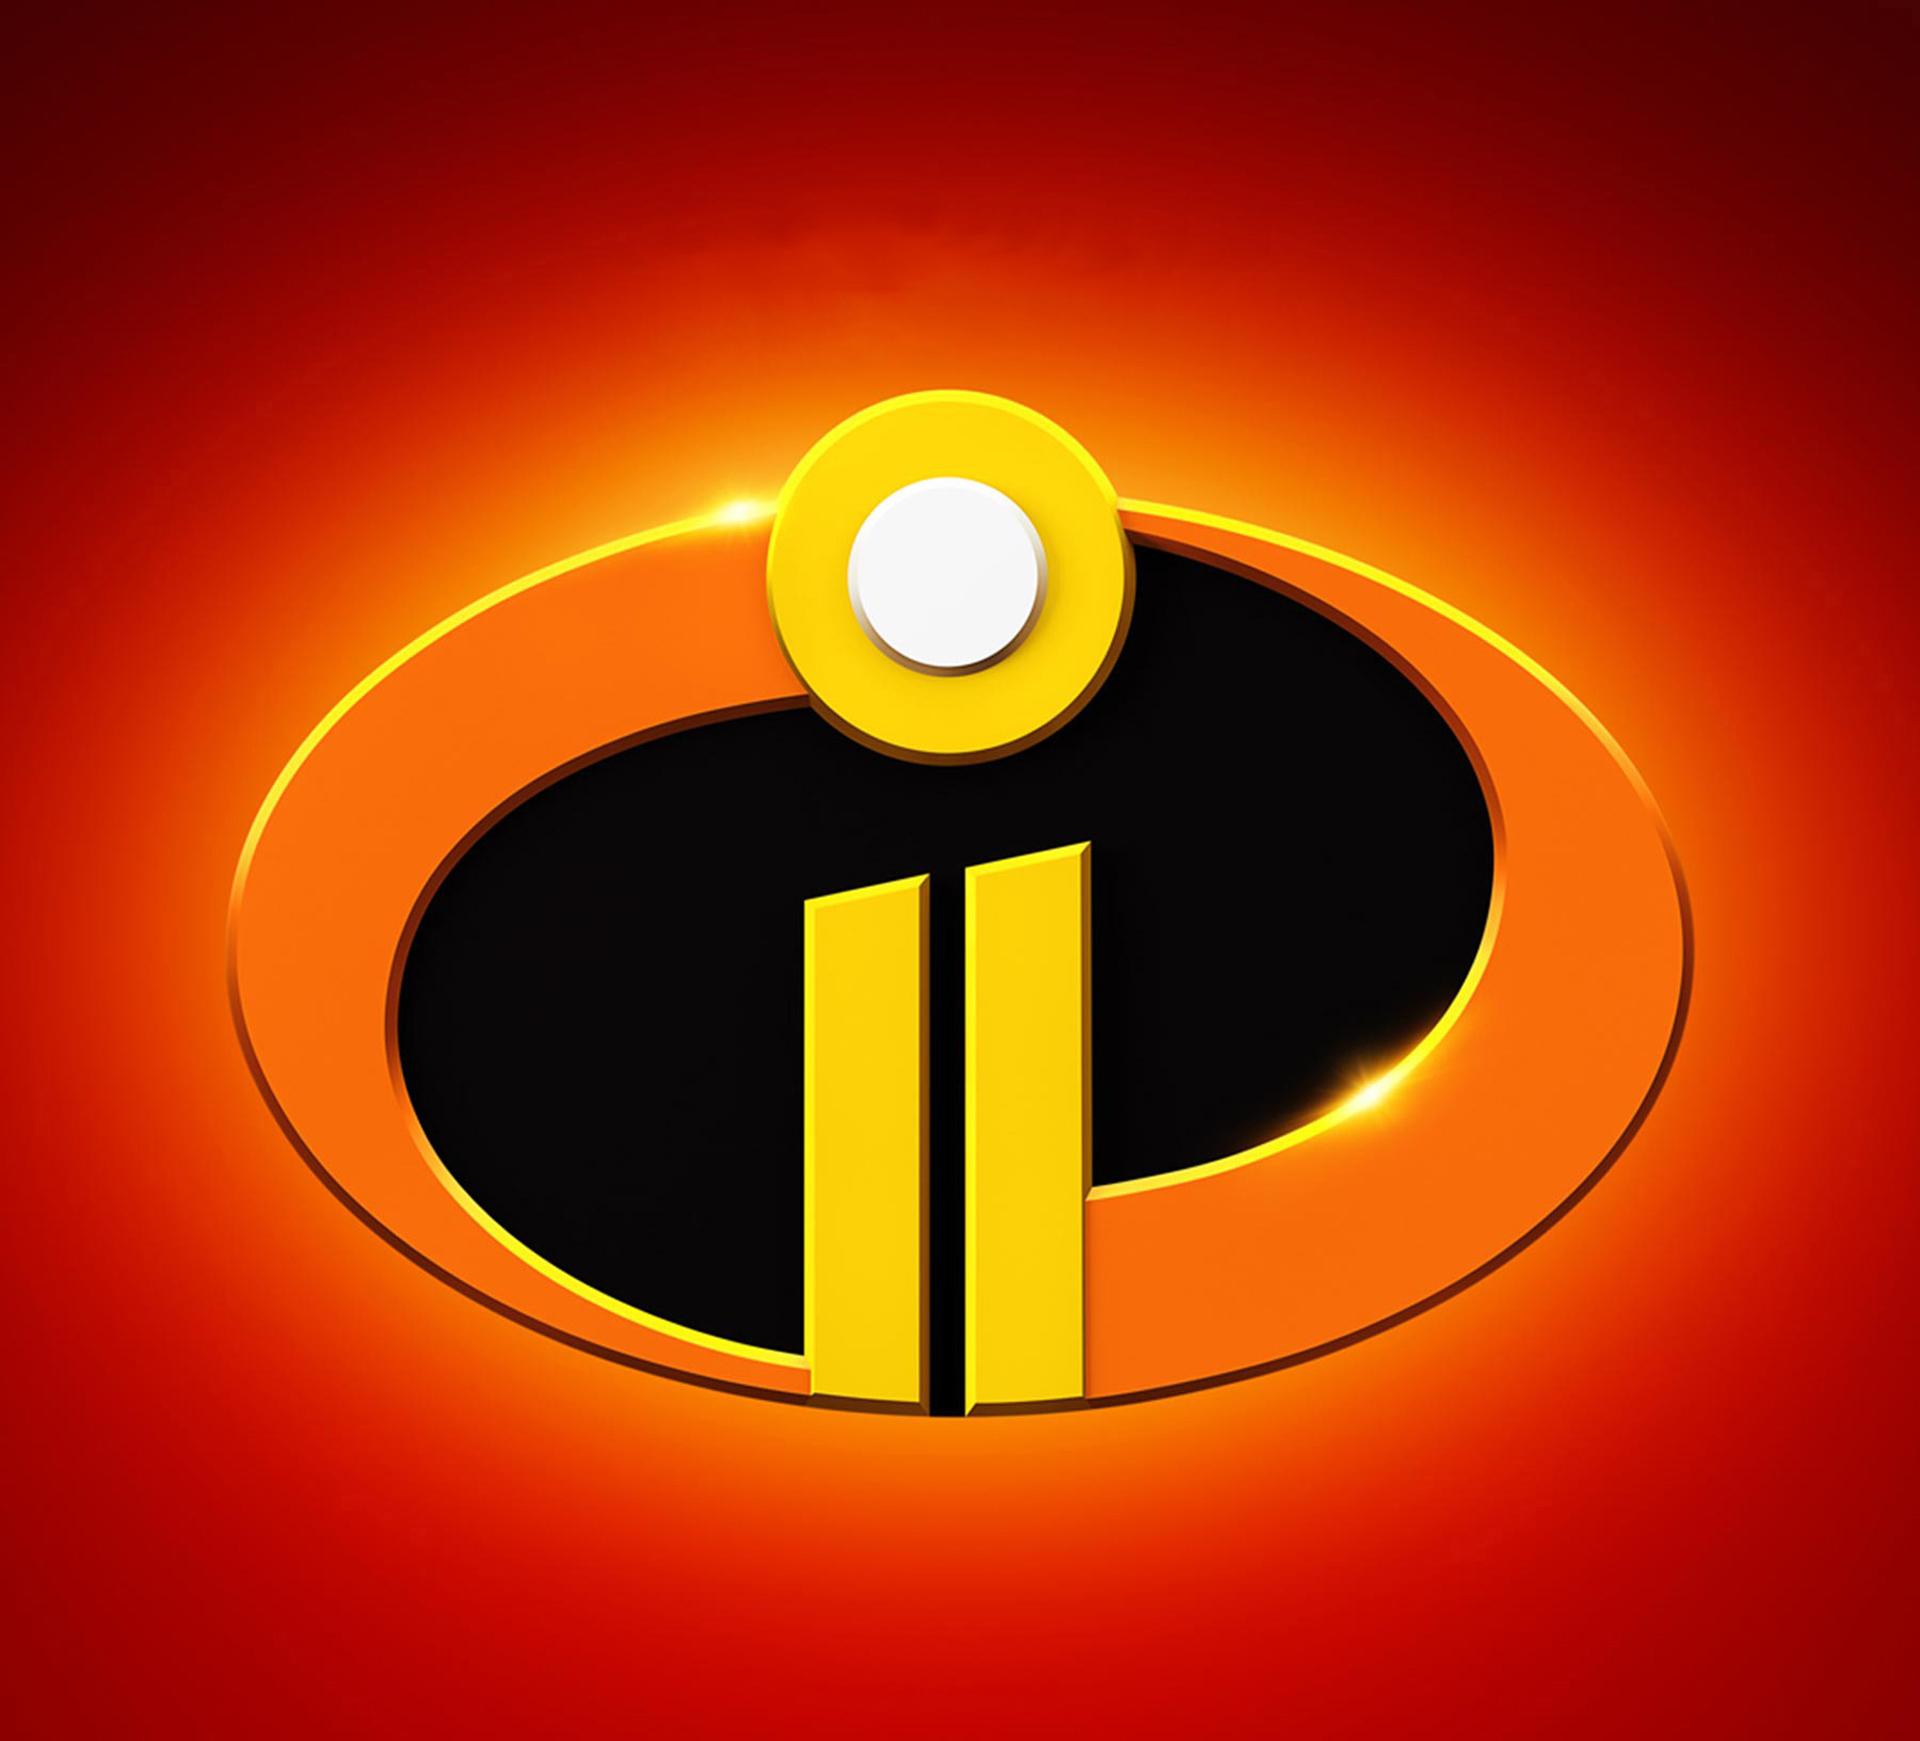 Image 2 Wallpaper: Incredibles 2 HD Wallpaper